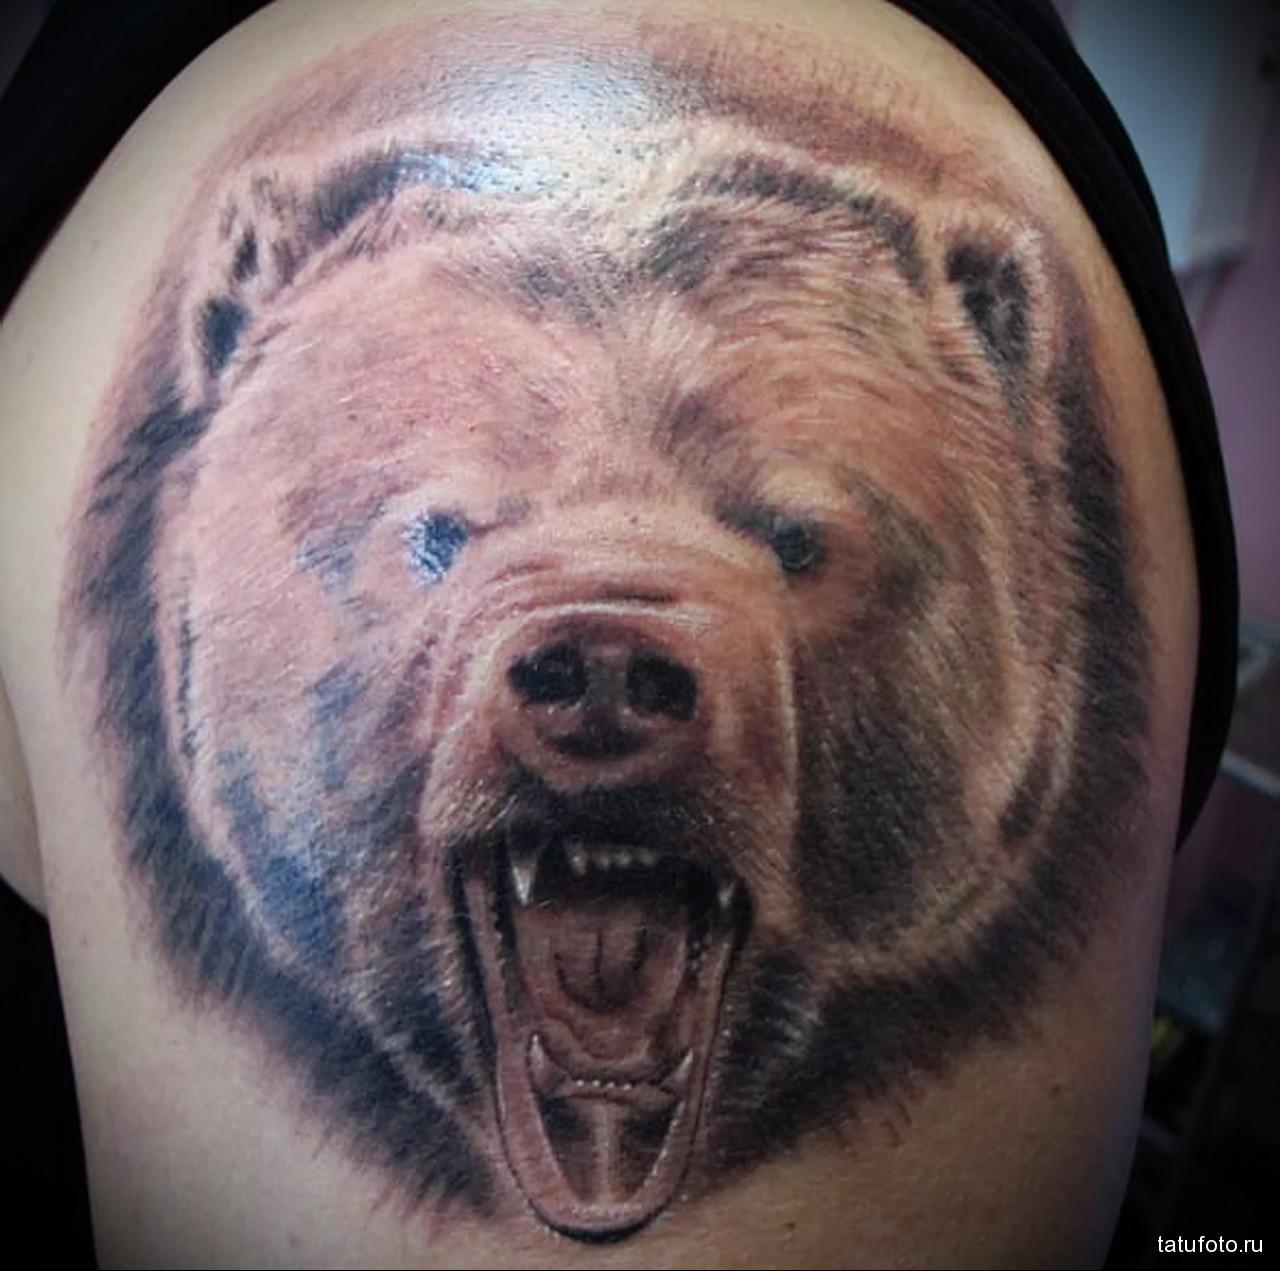 тату медведь показал оскал - мужская татуировка на плече